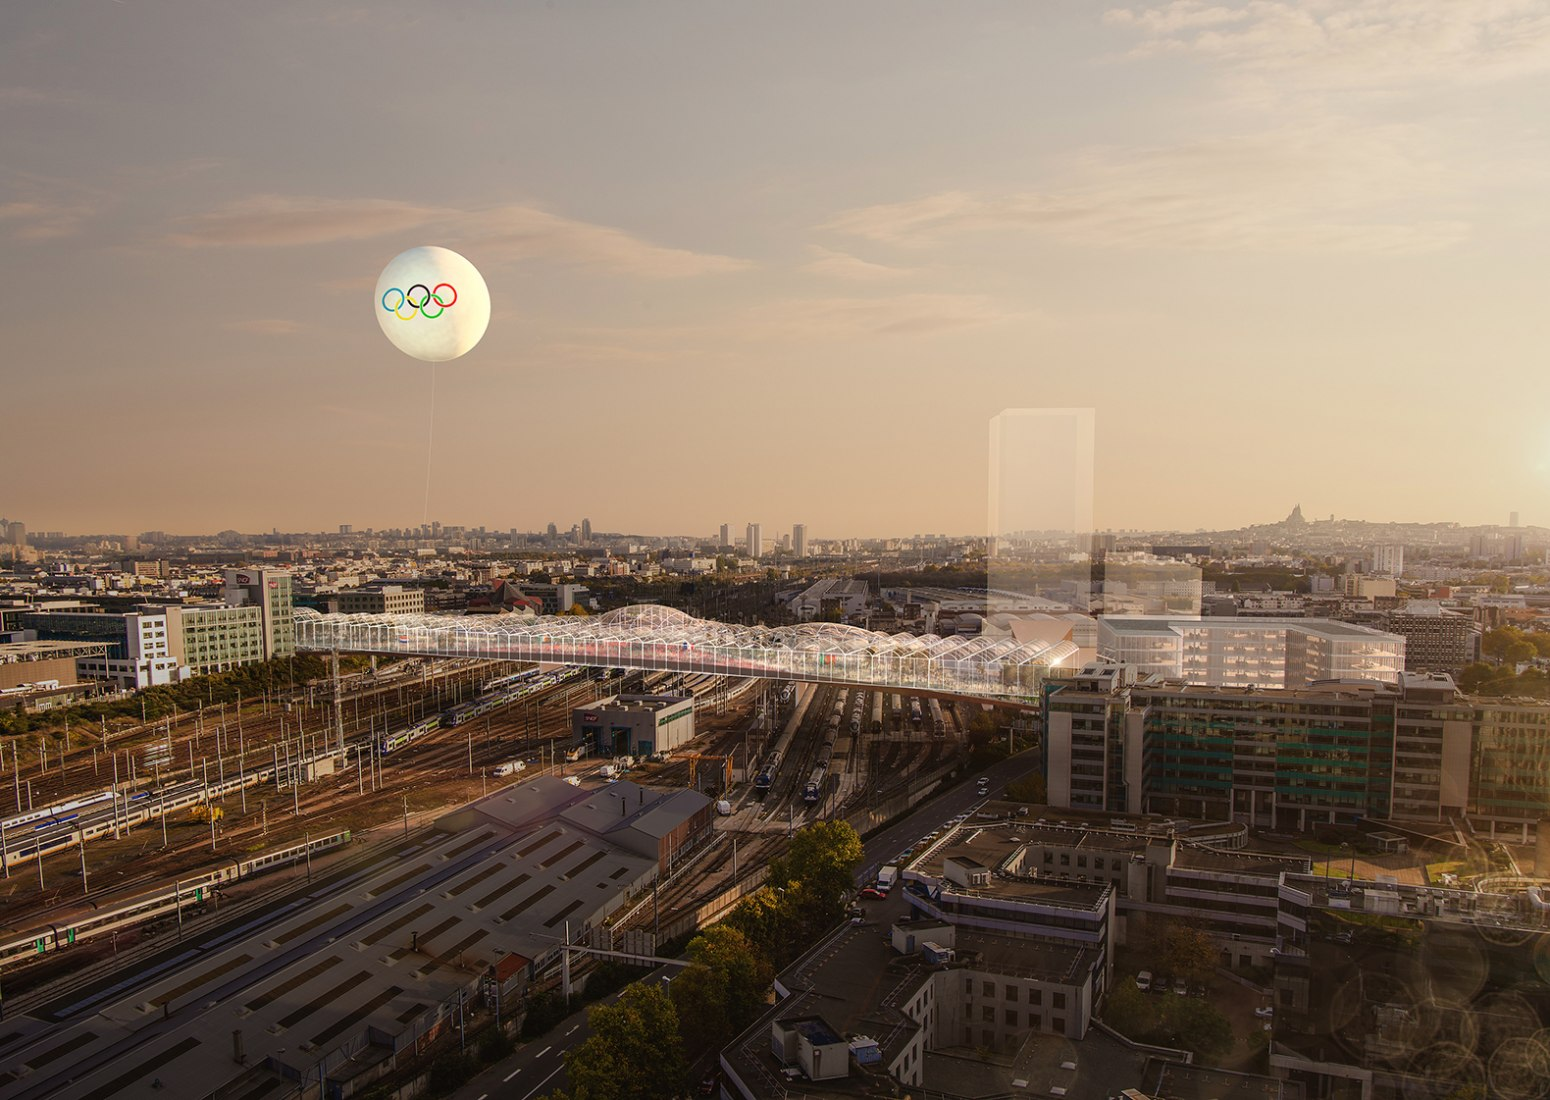 JJOO. Halle Commune. Propuesta de OMA para el Puente Pleyel. Imagen © Bloom. Imagen cortesía de OMA.